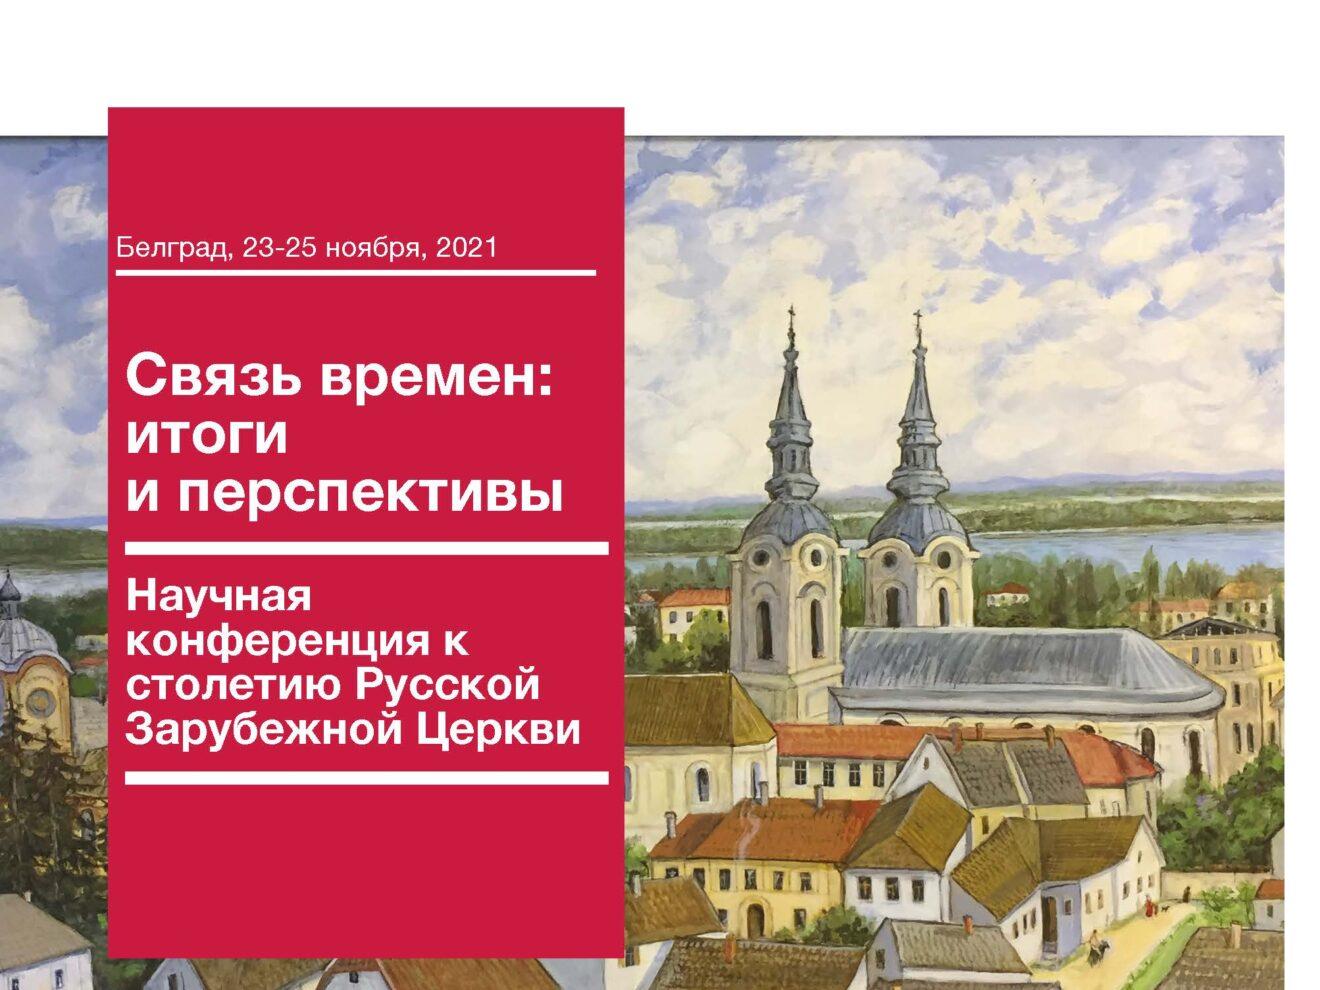 Программа научной конференции «Связь времен: итоги и перспективы. К столетию Русской Зарубежной Церкви»